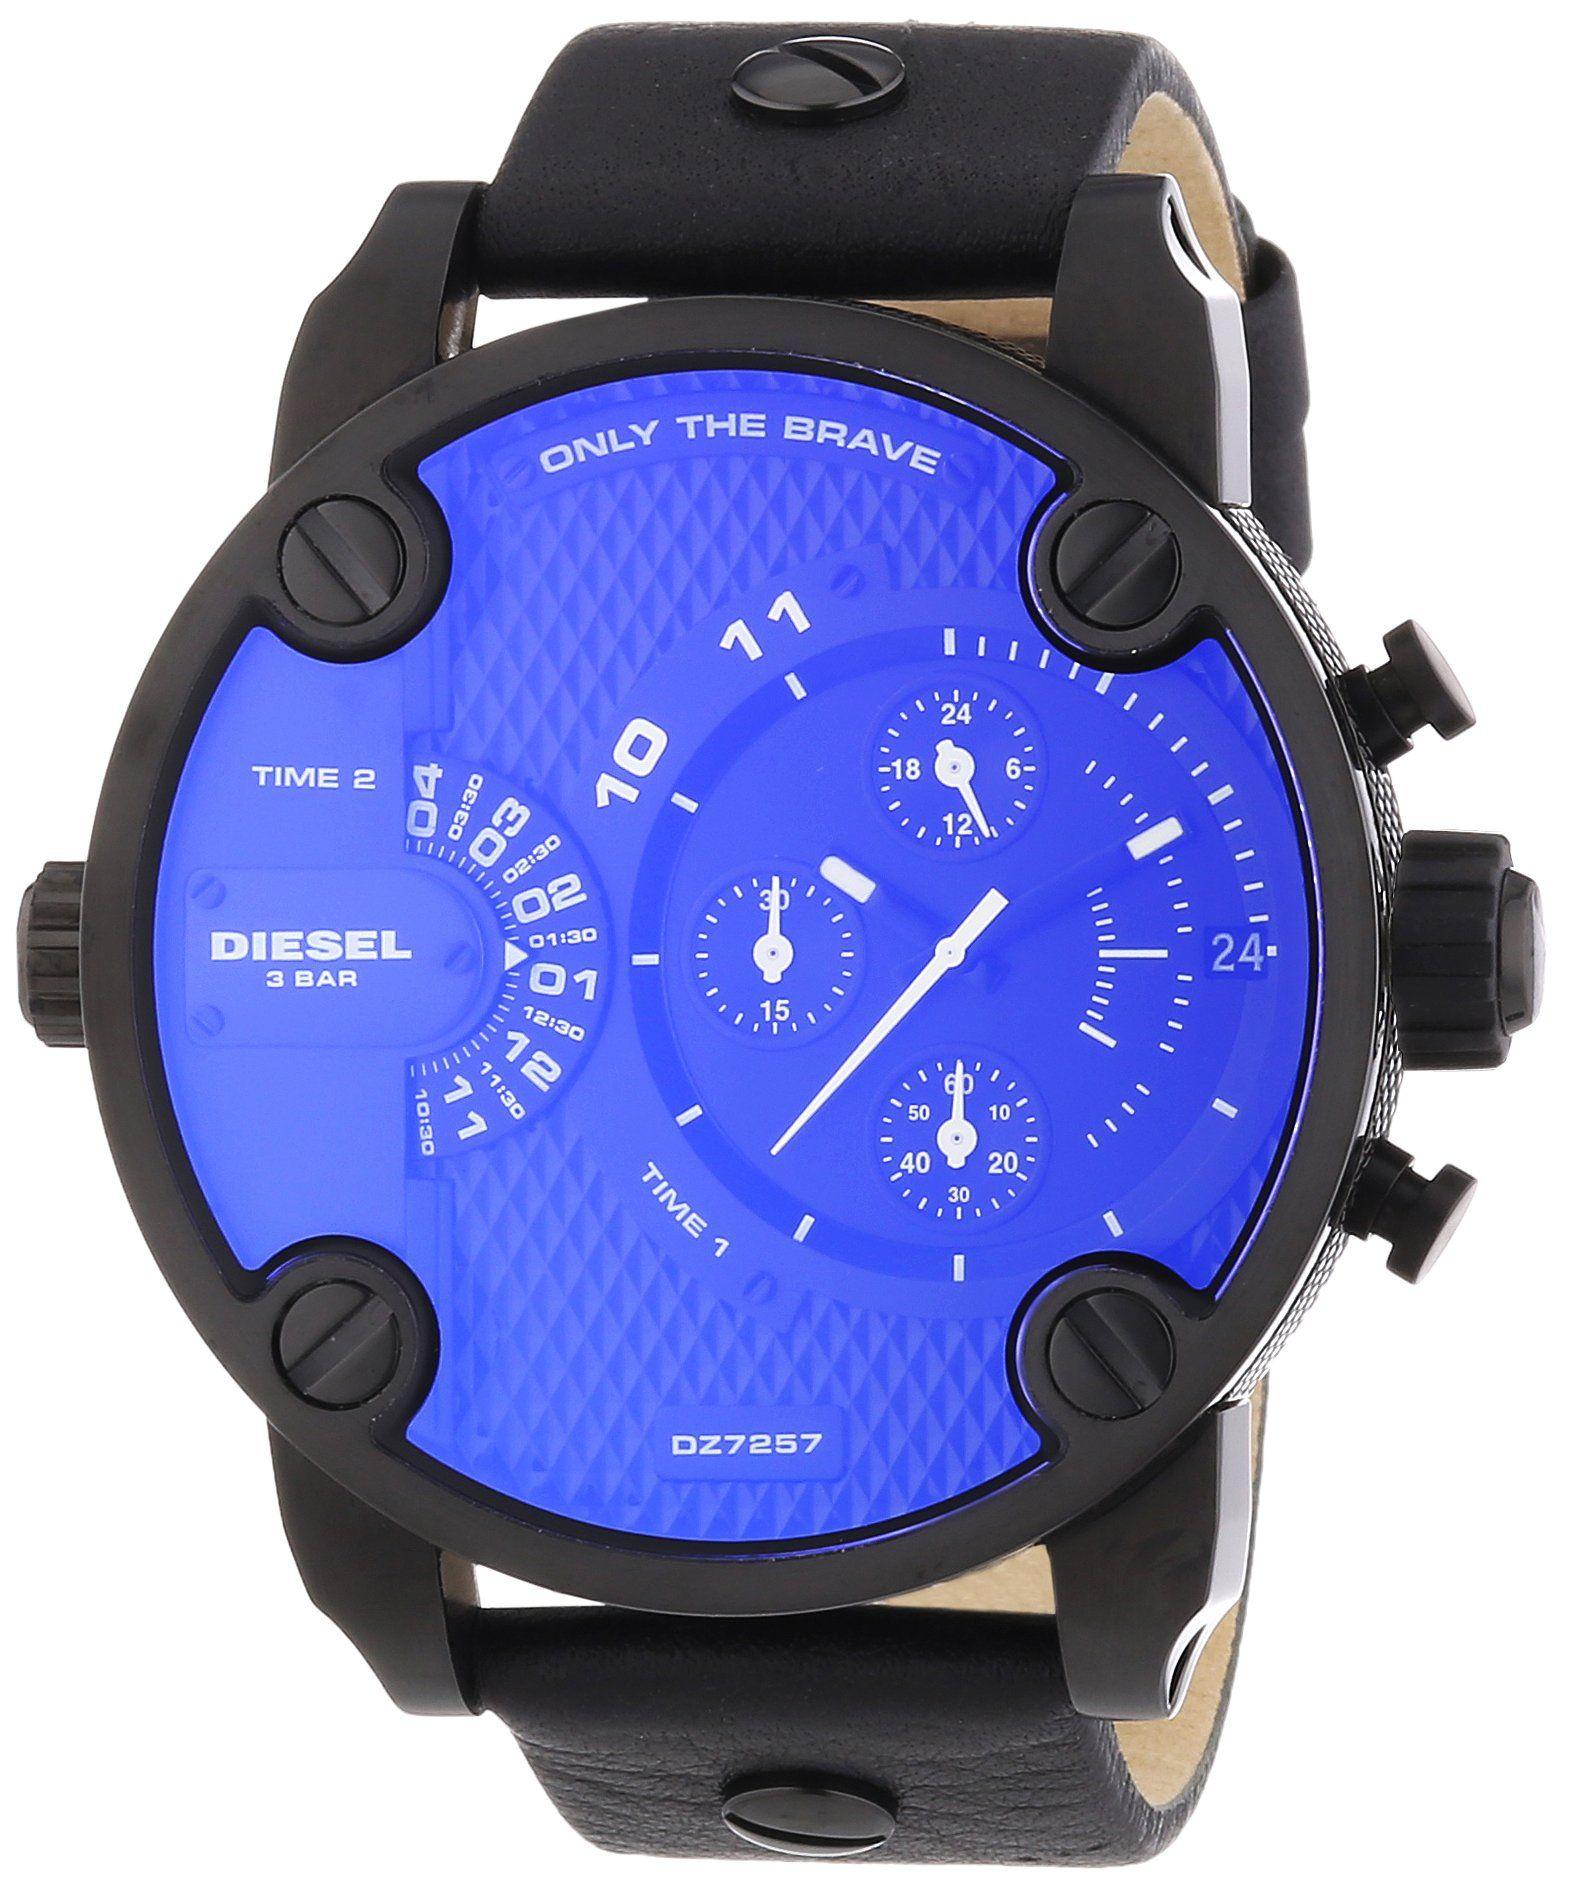 Amazon Com Diesel Dz7257 Sba Oversize Chrono Black Pyramid Texture Dial Black Leather Strap Men Watch New Diesel Watches Uhren Herren Diesel Uhr Uhren